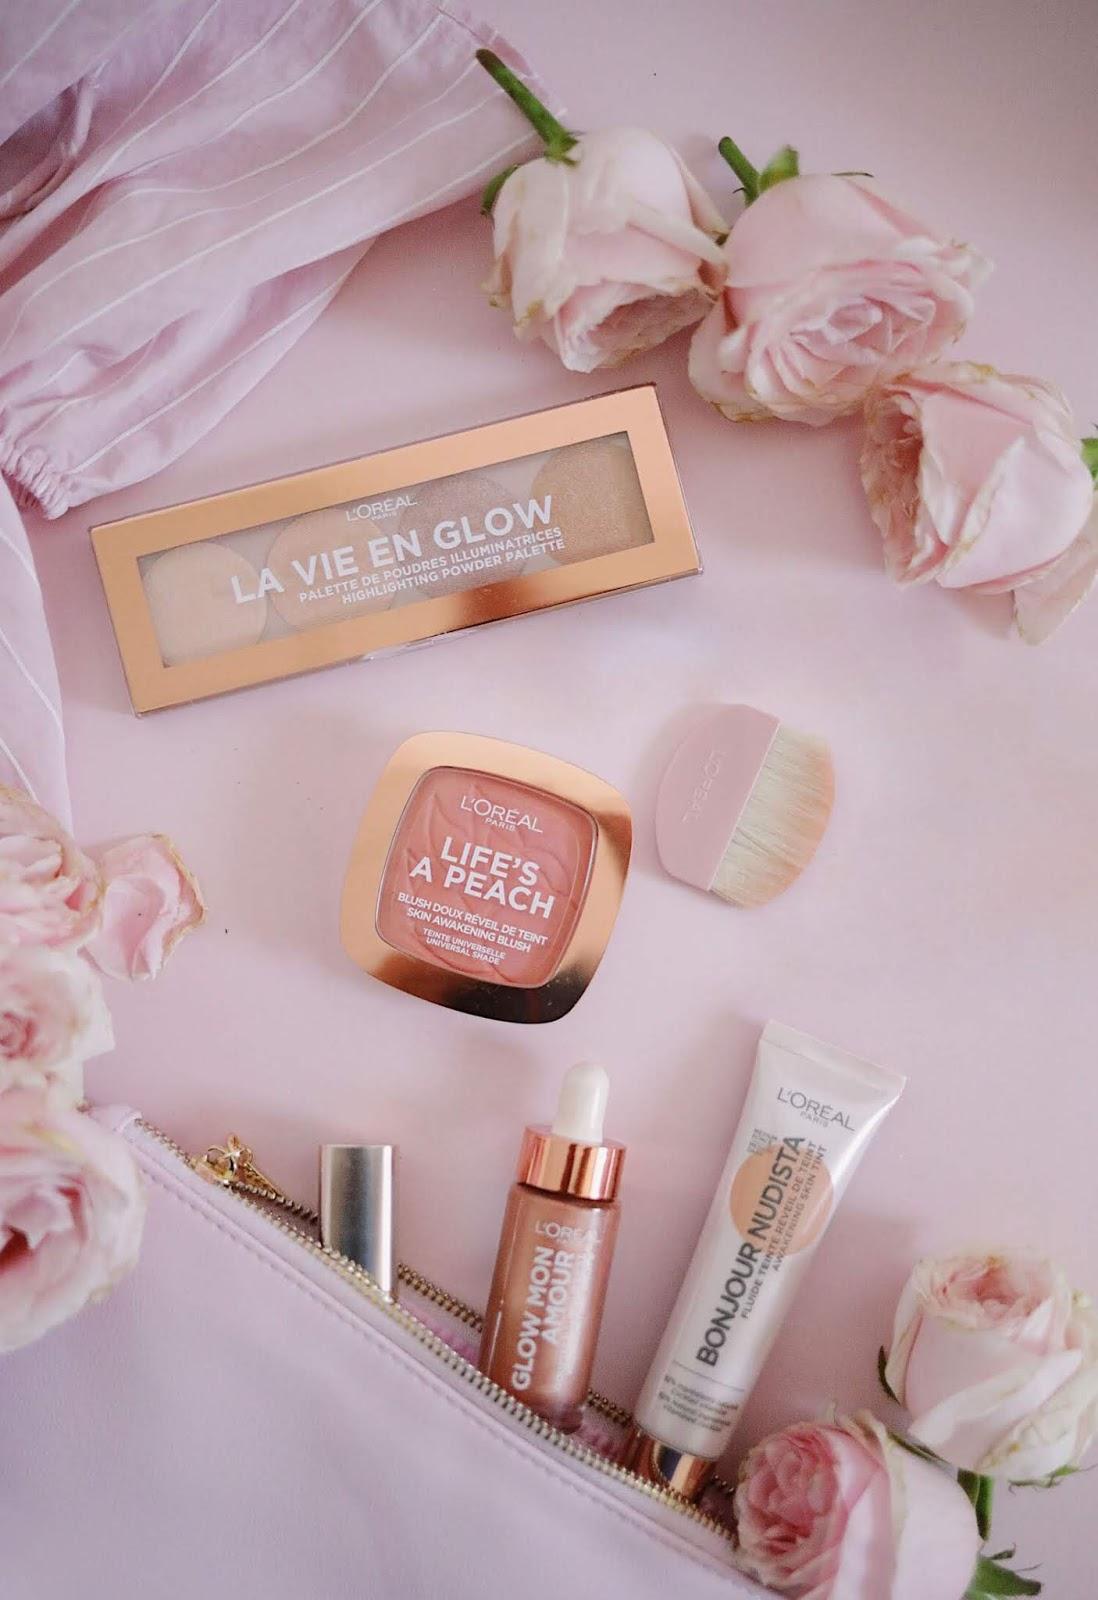 wake up and glow , l'oréal Paris ,loreal Paris , life's a peach , la vie en glow , glow mon amour , bonjour nudista , revue, avis , Swatch , rosemademoiselle , rose mademoiselle, blog beauté , Paris ,